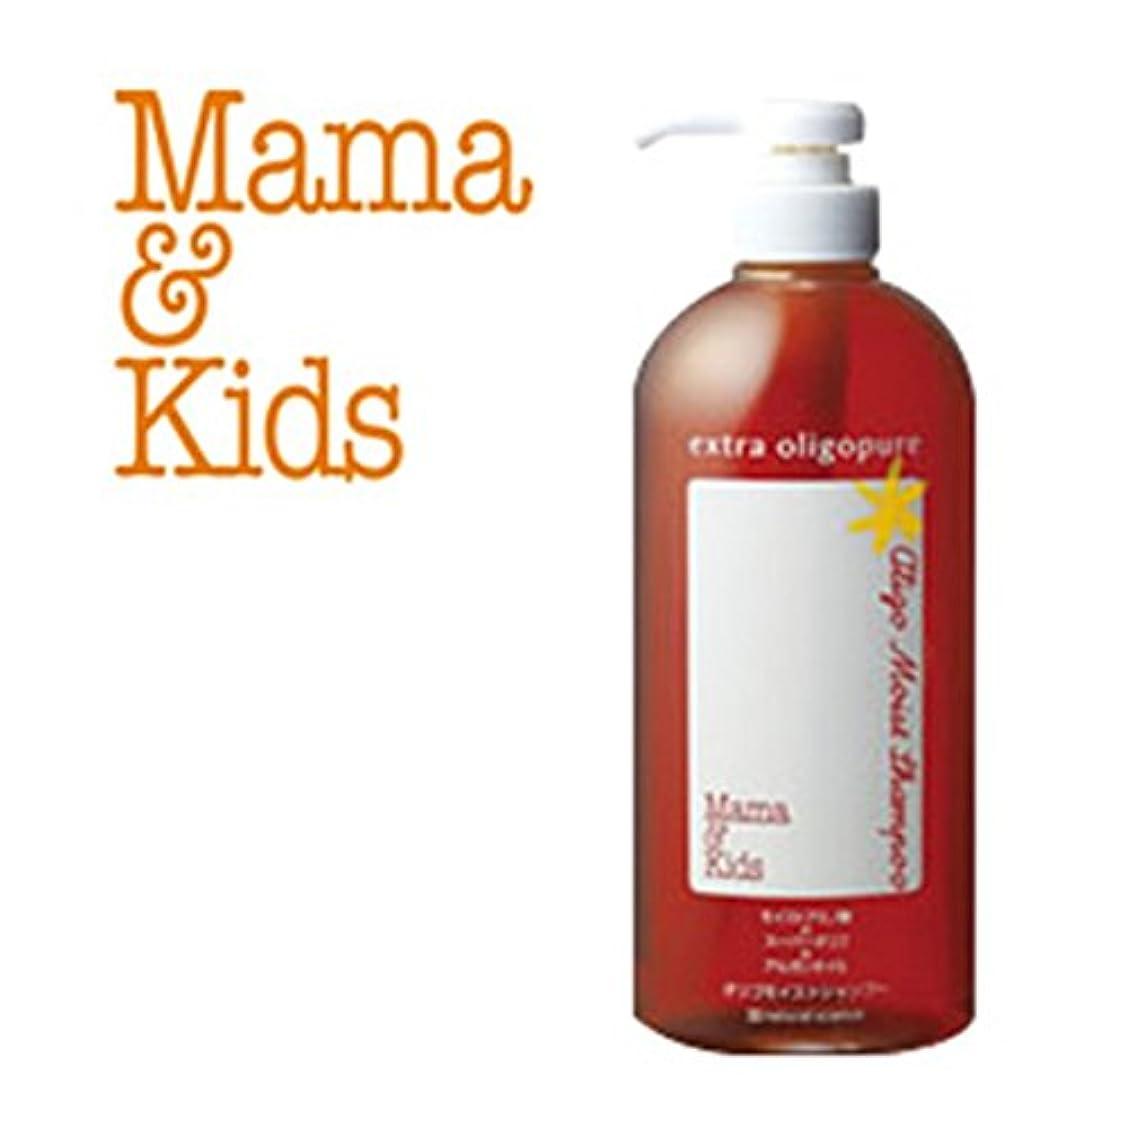 パラメータ息子騒ぎママ&キッズ オリゴモイストシャンプー720ML/Mama&Kids Oligo Moist Shampoo/洗发水